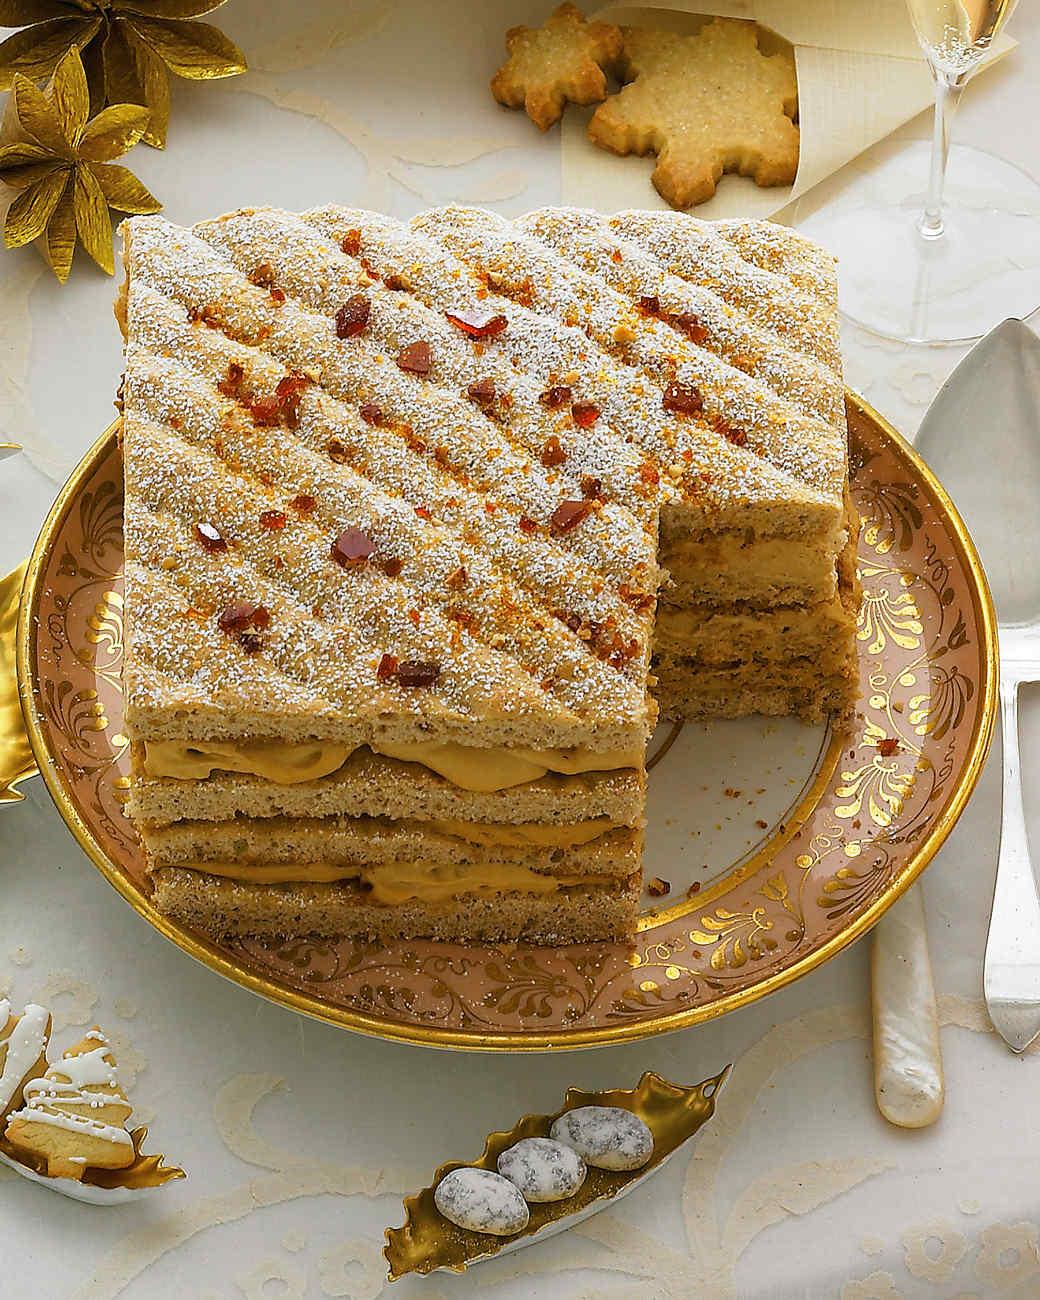 Hazelnut-Praline Torte